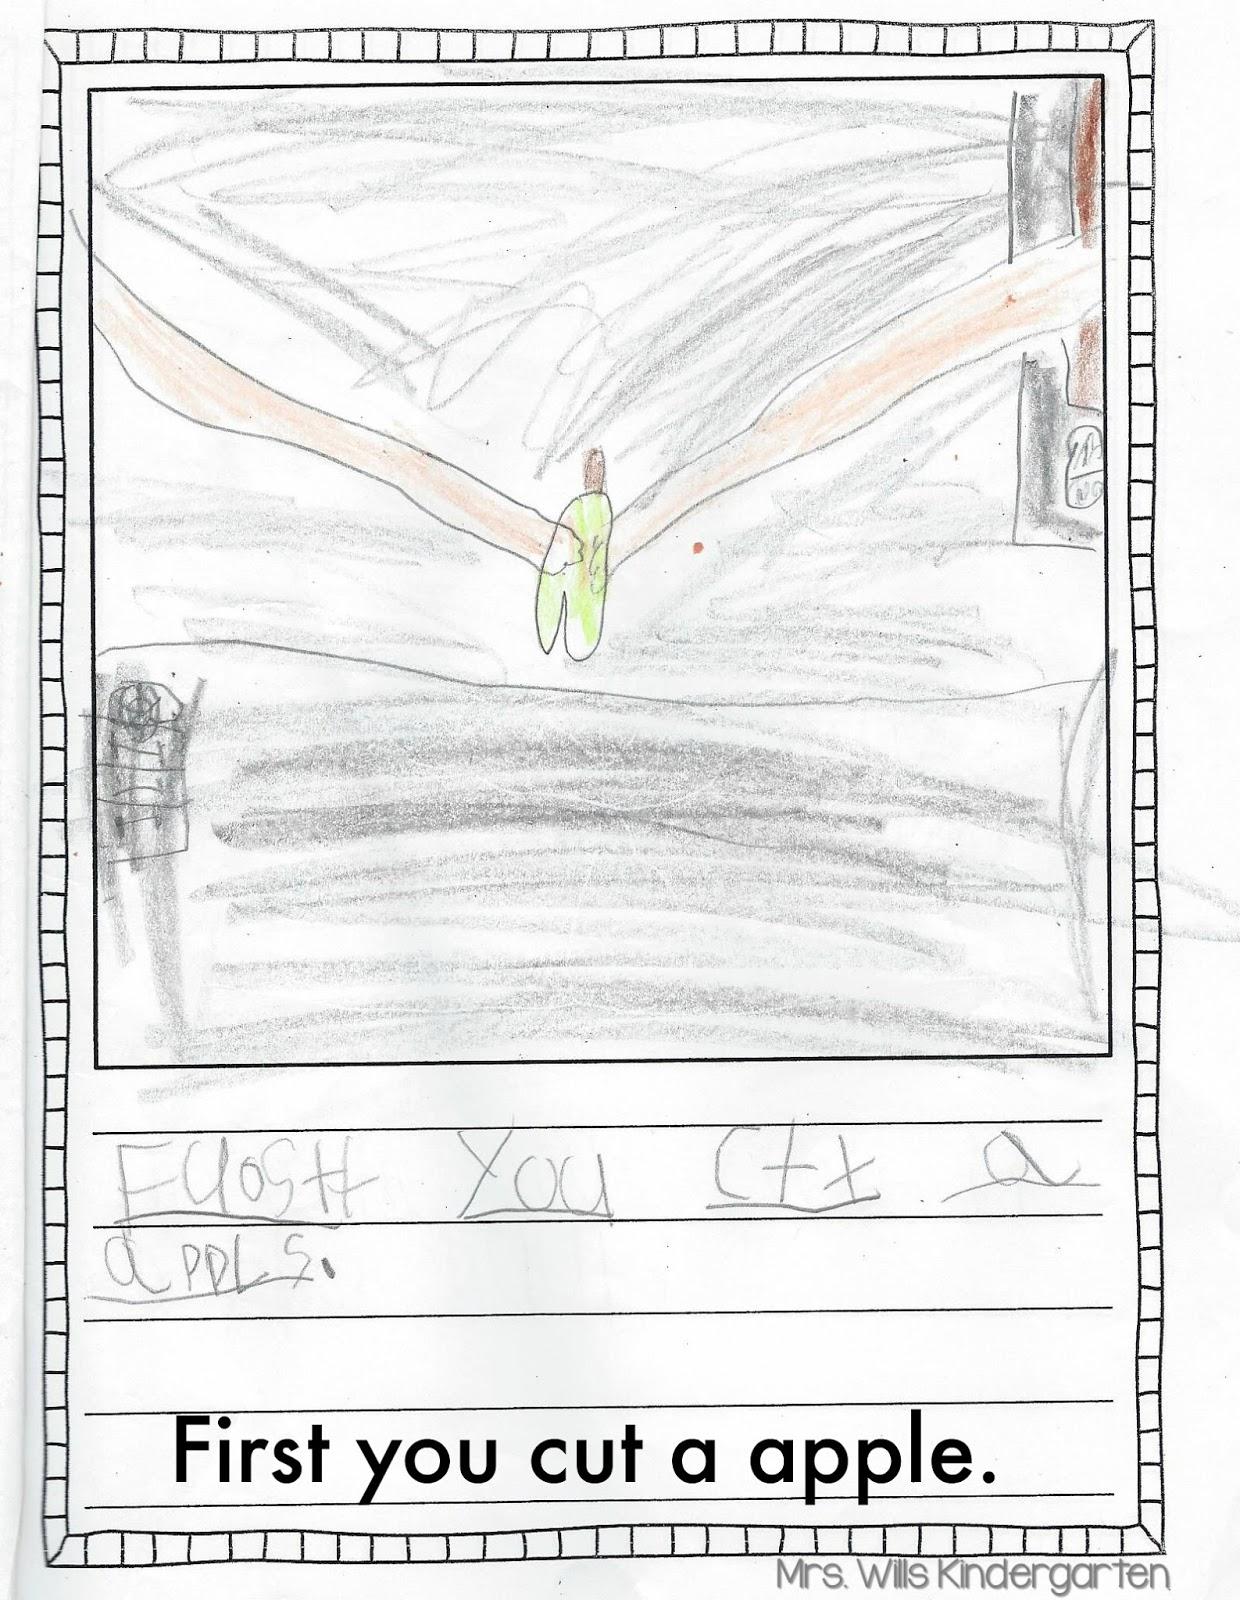 Mrs. Wills Kindergarten: How-To Writing in Kindergarten